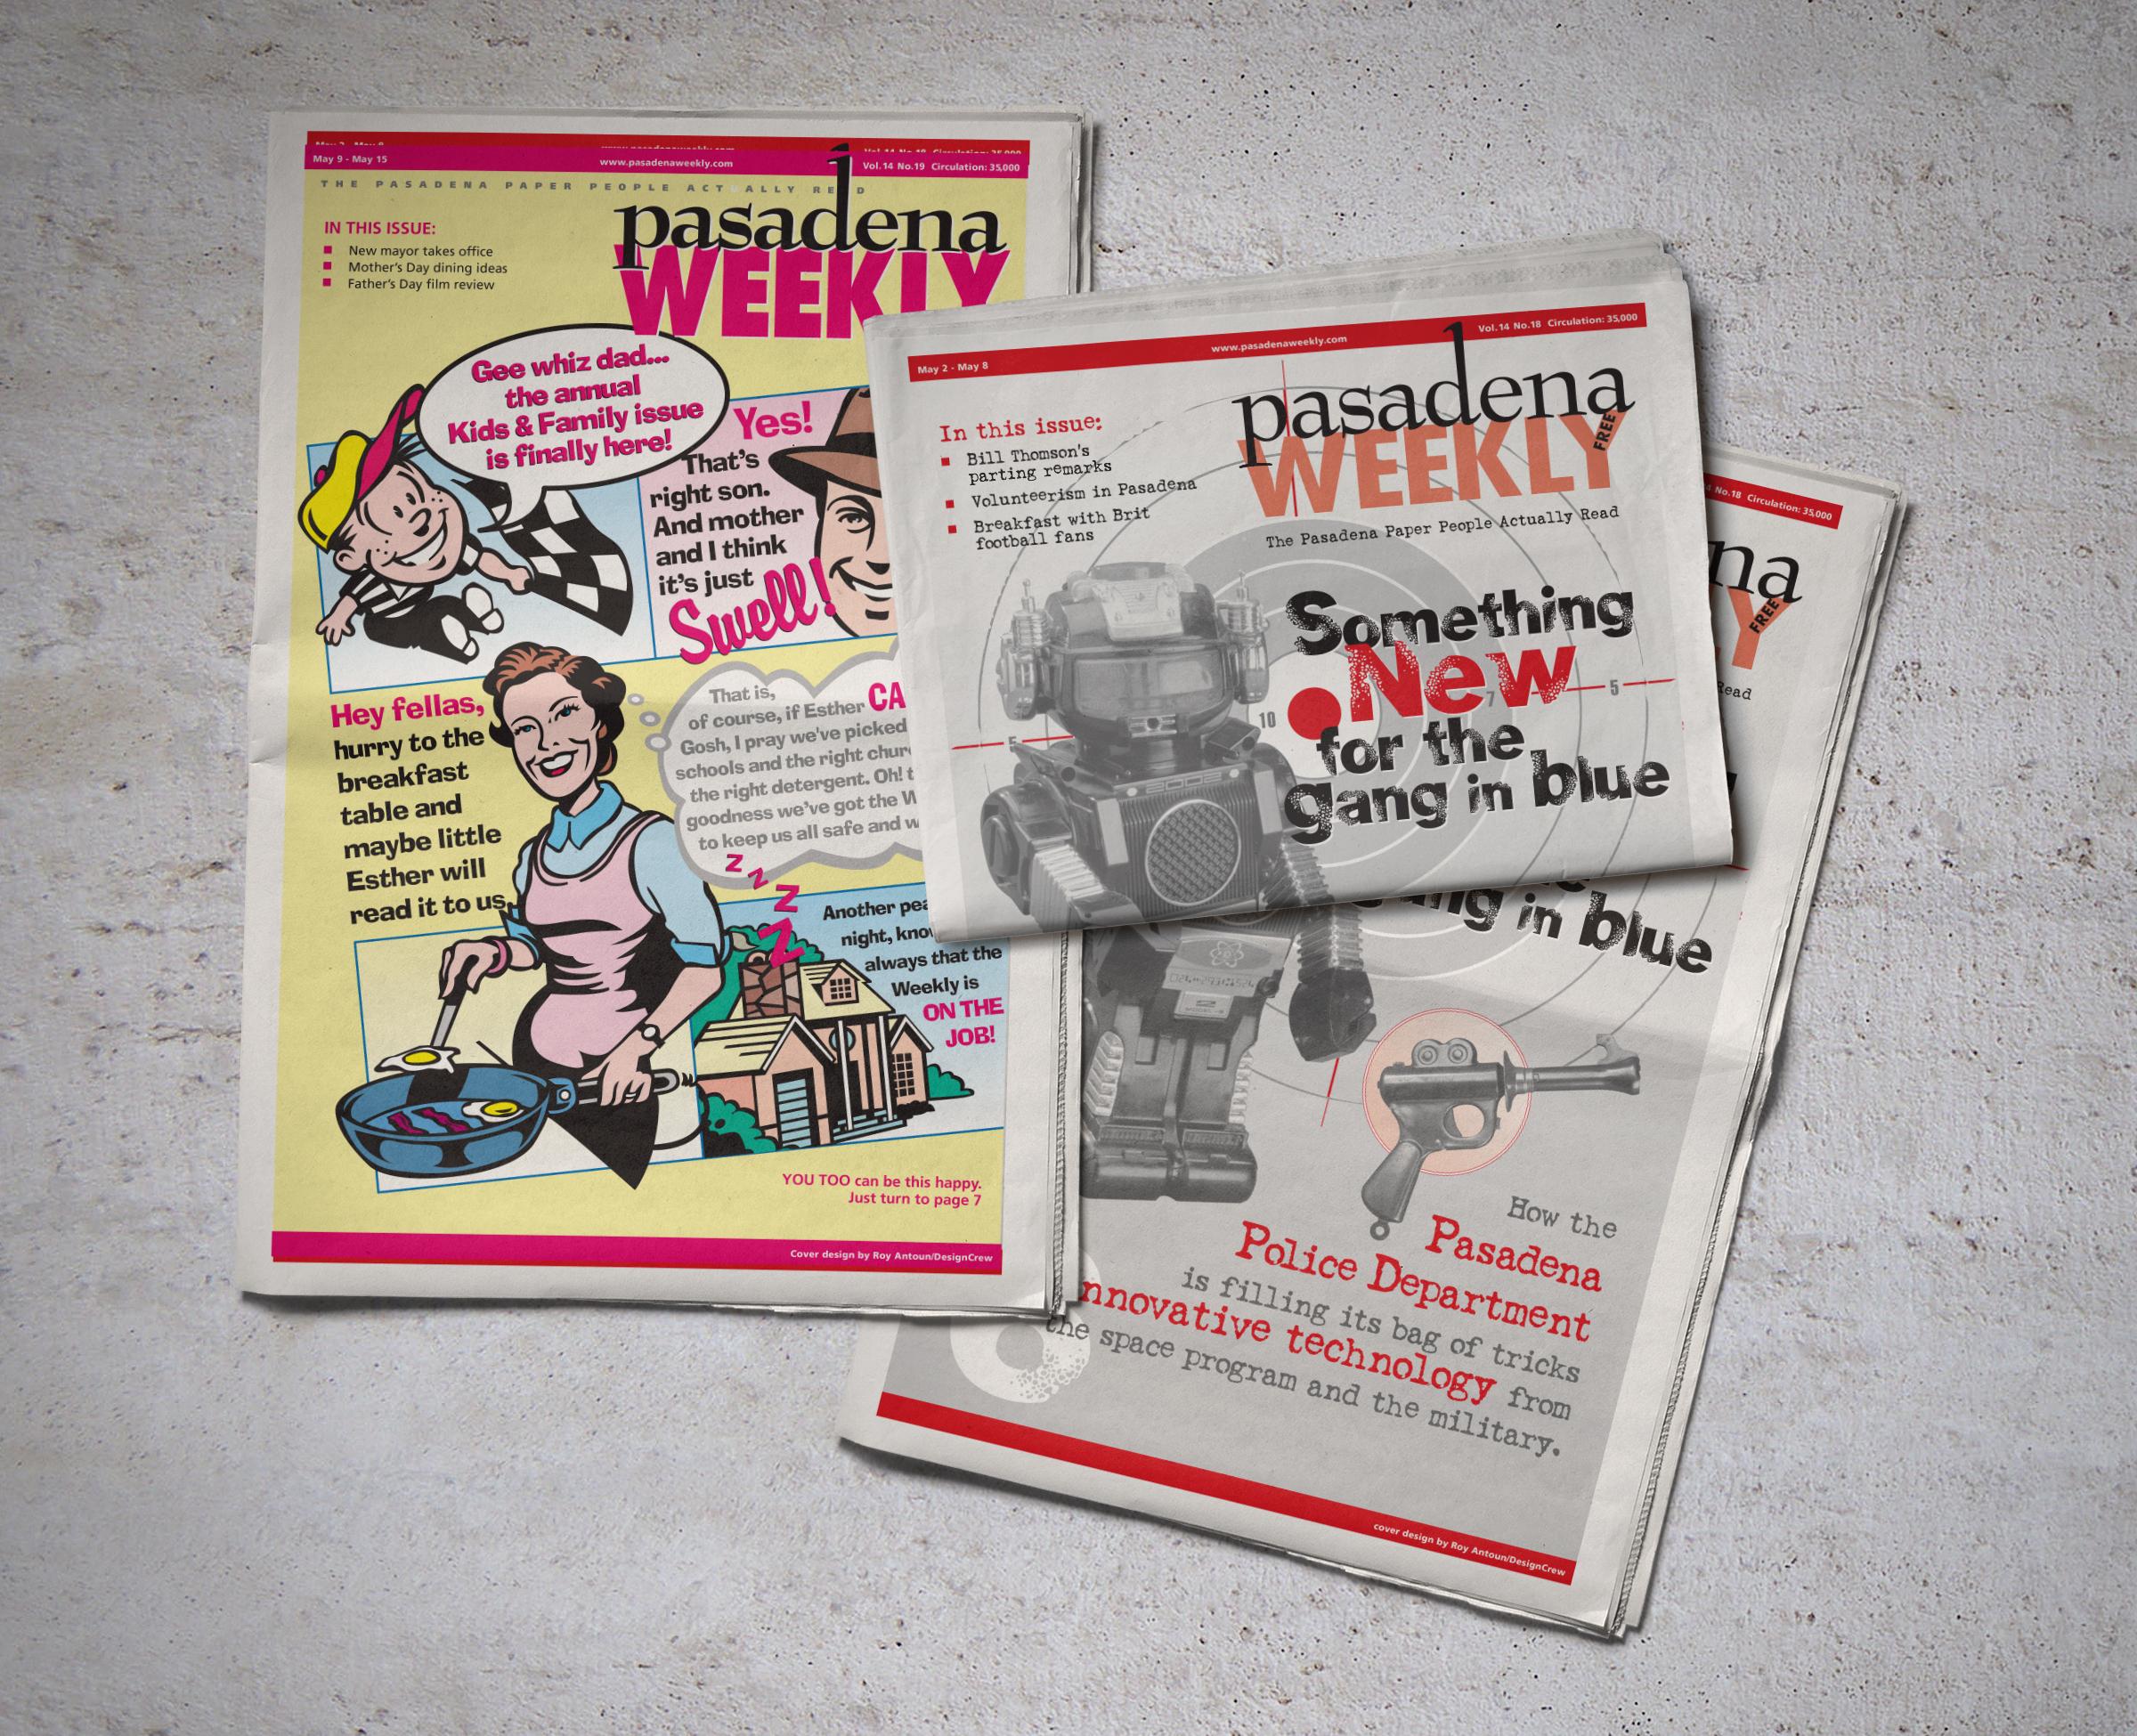 Pasadena_Weekly_Covers_01.jpg